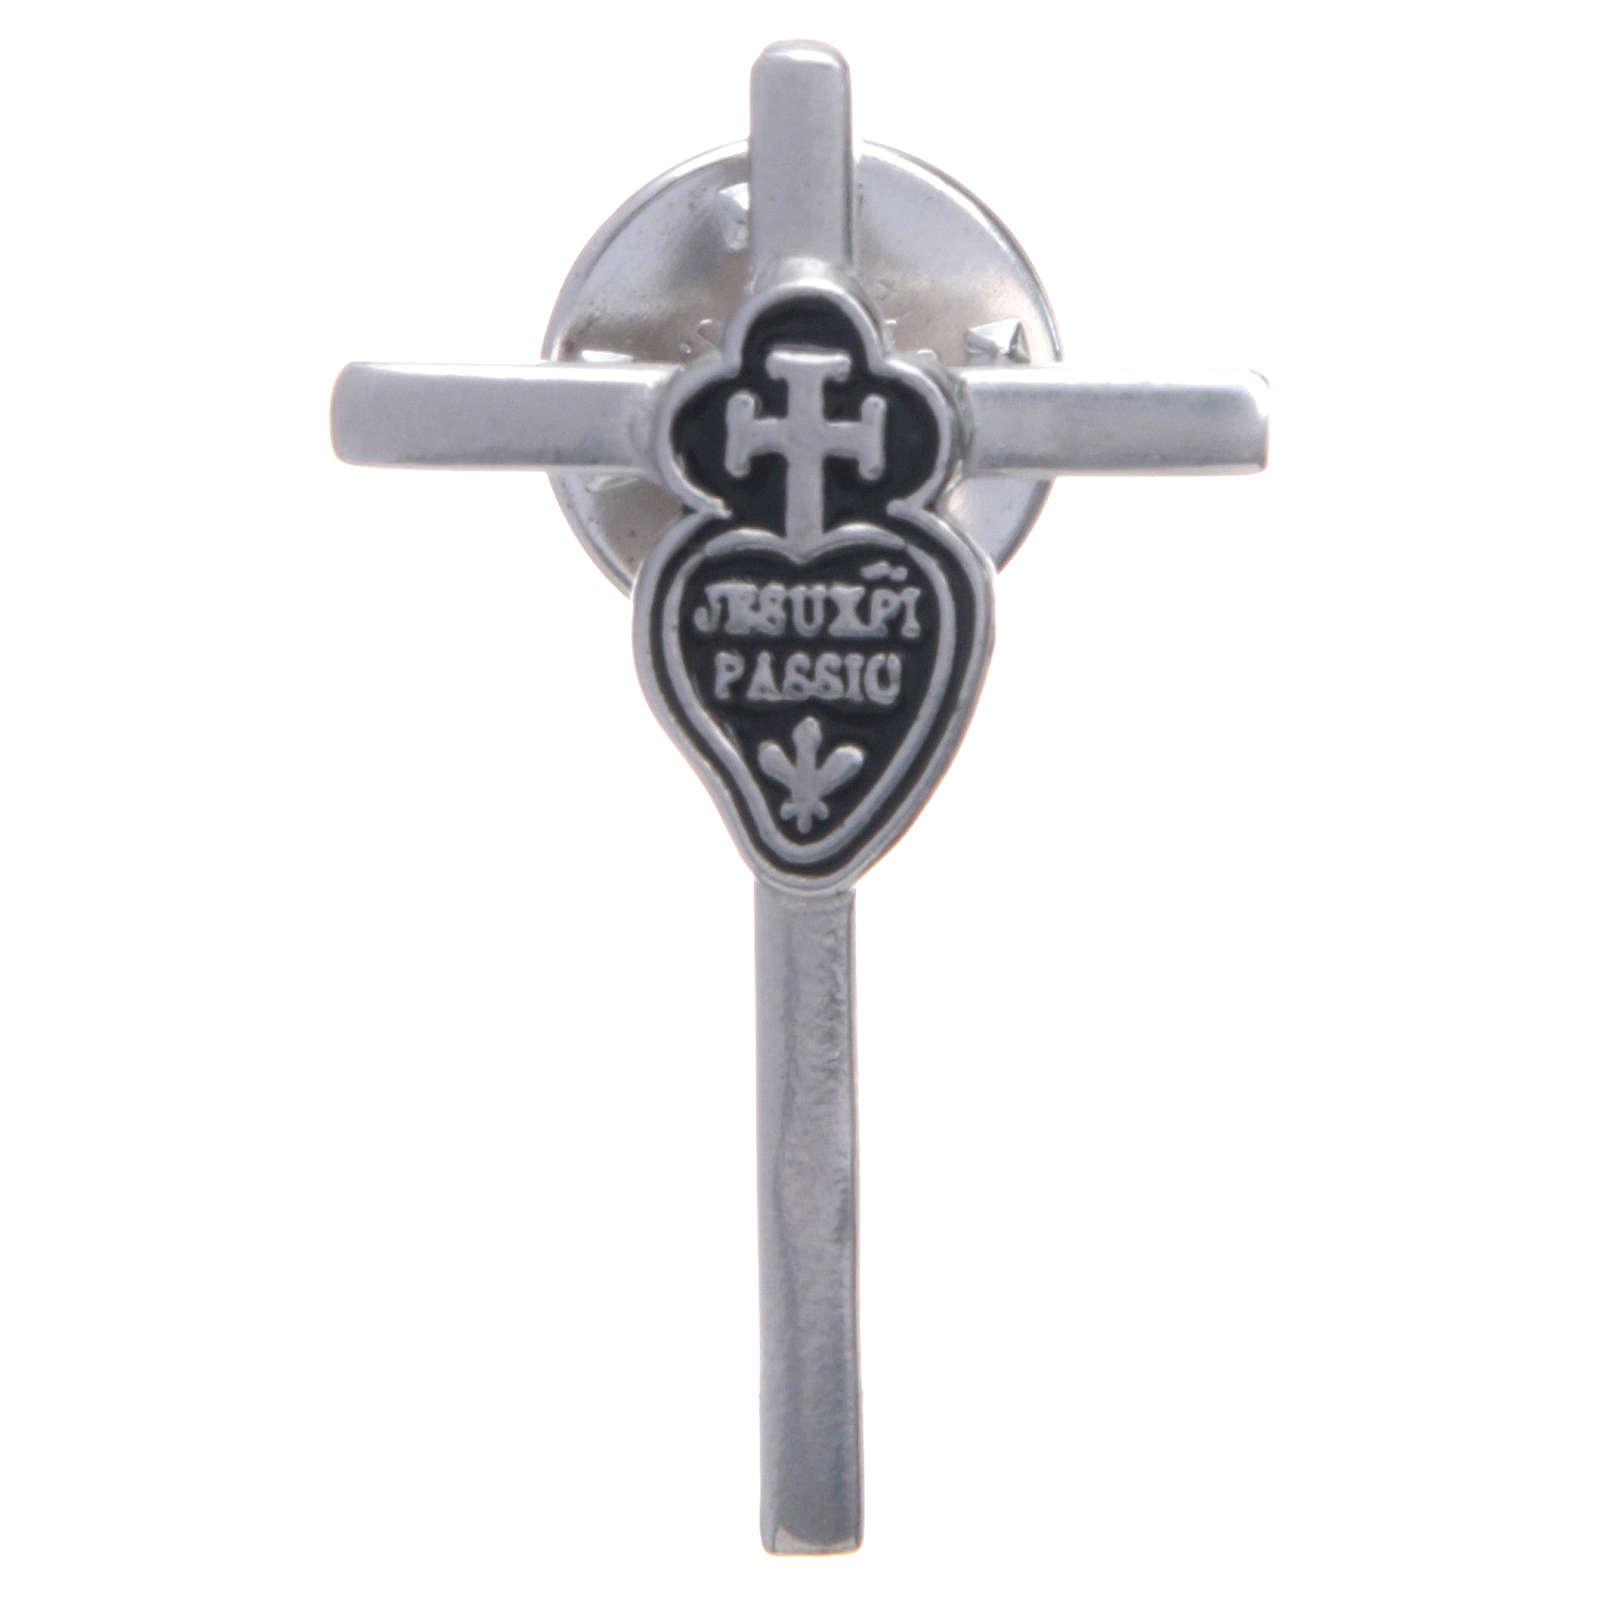 Broche cruz símbolo pasionista Plata 925 4